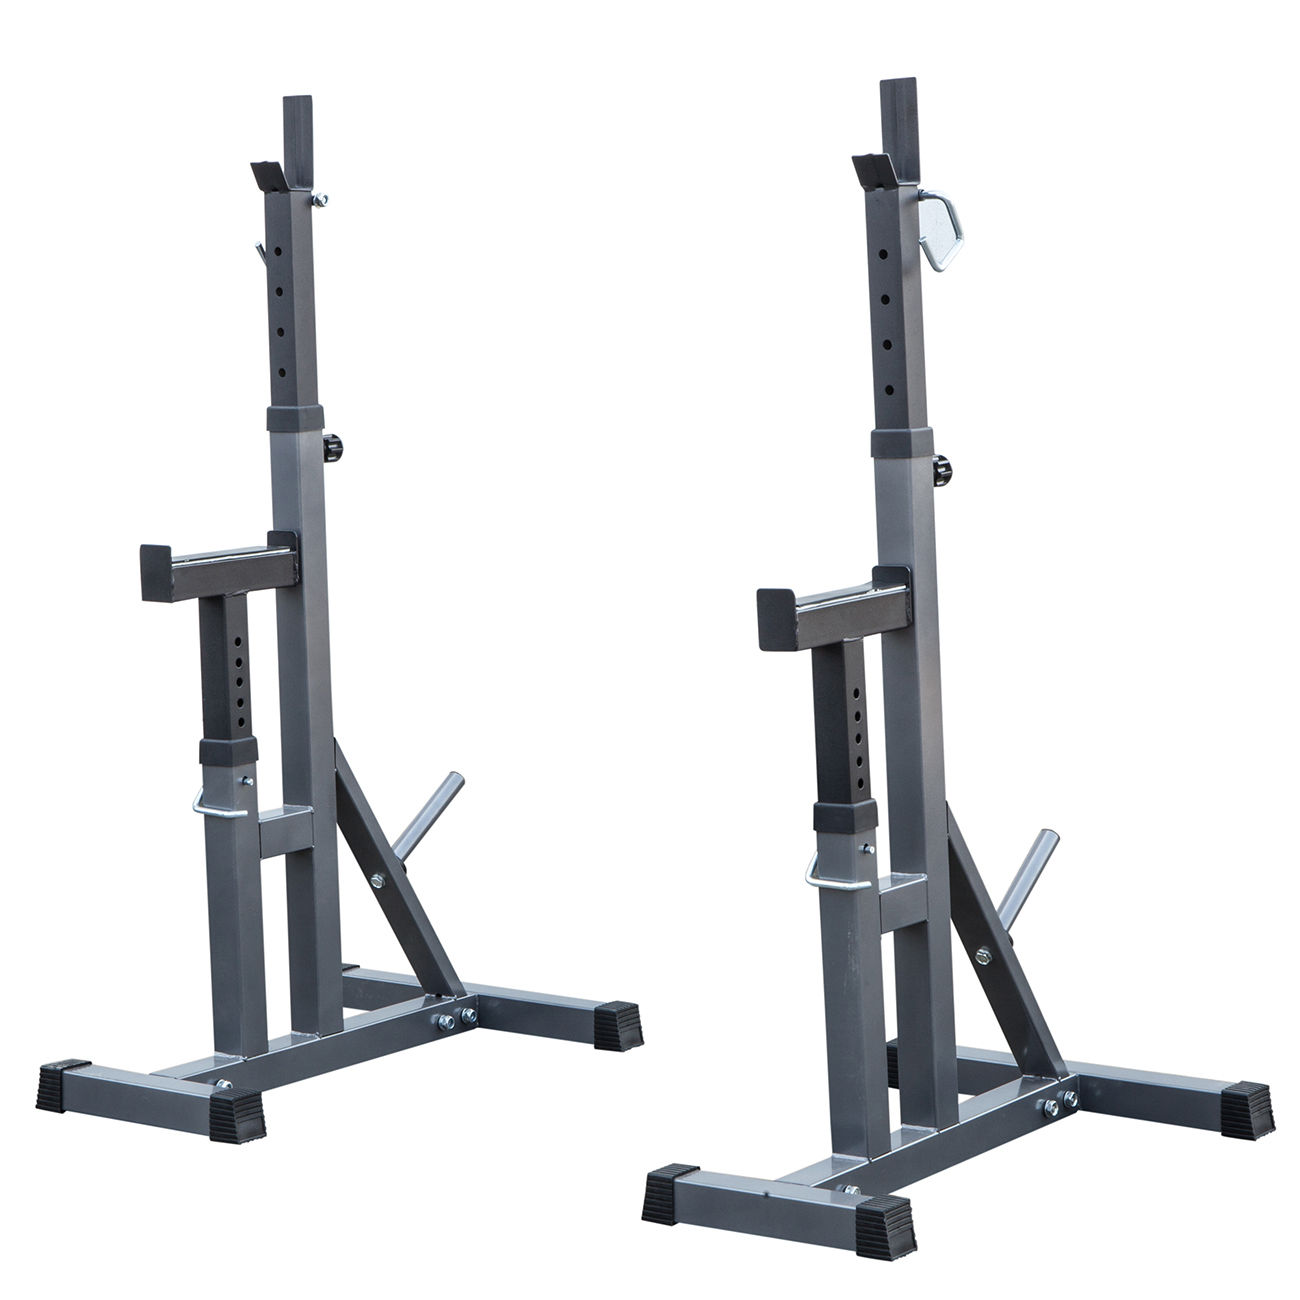 2pcs Adjustable Rack Standard Steel Squat Stands Barbell ...